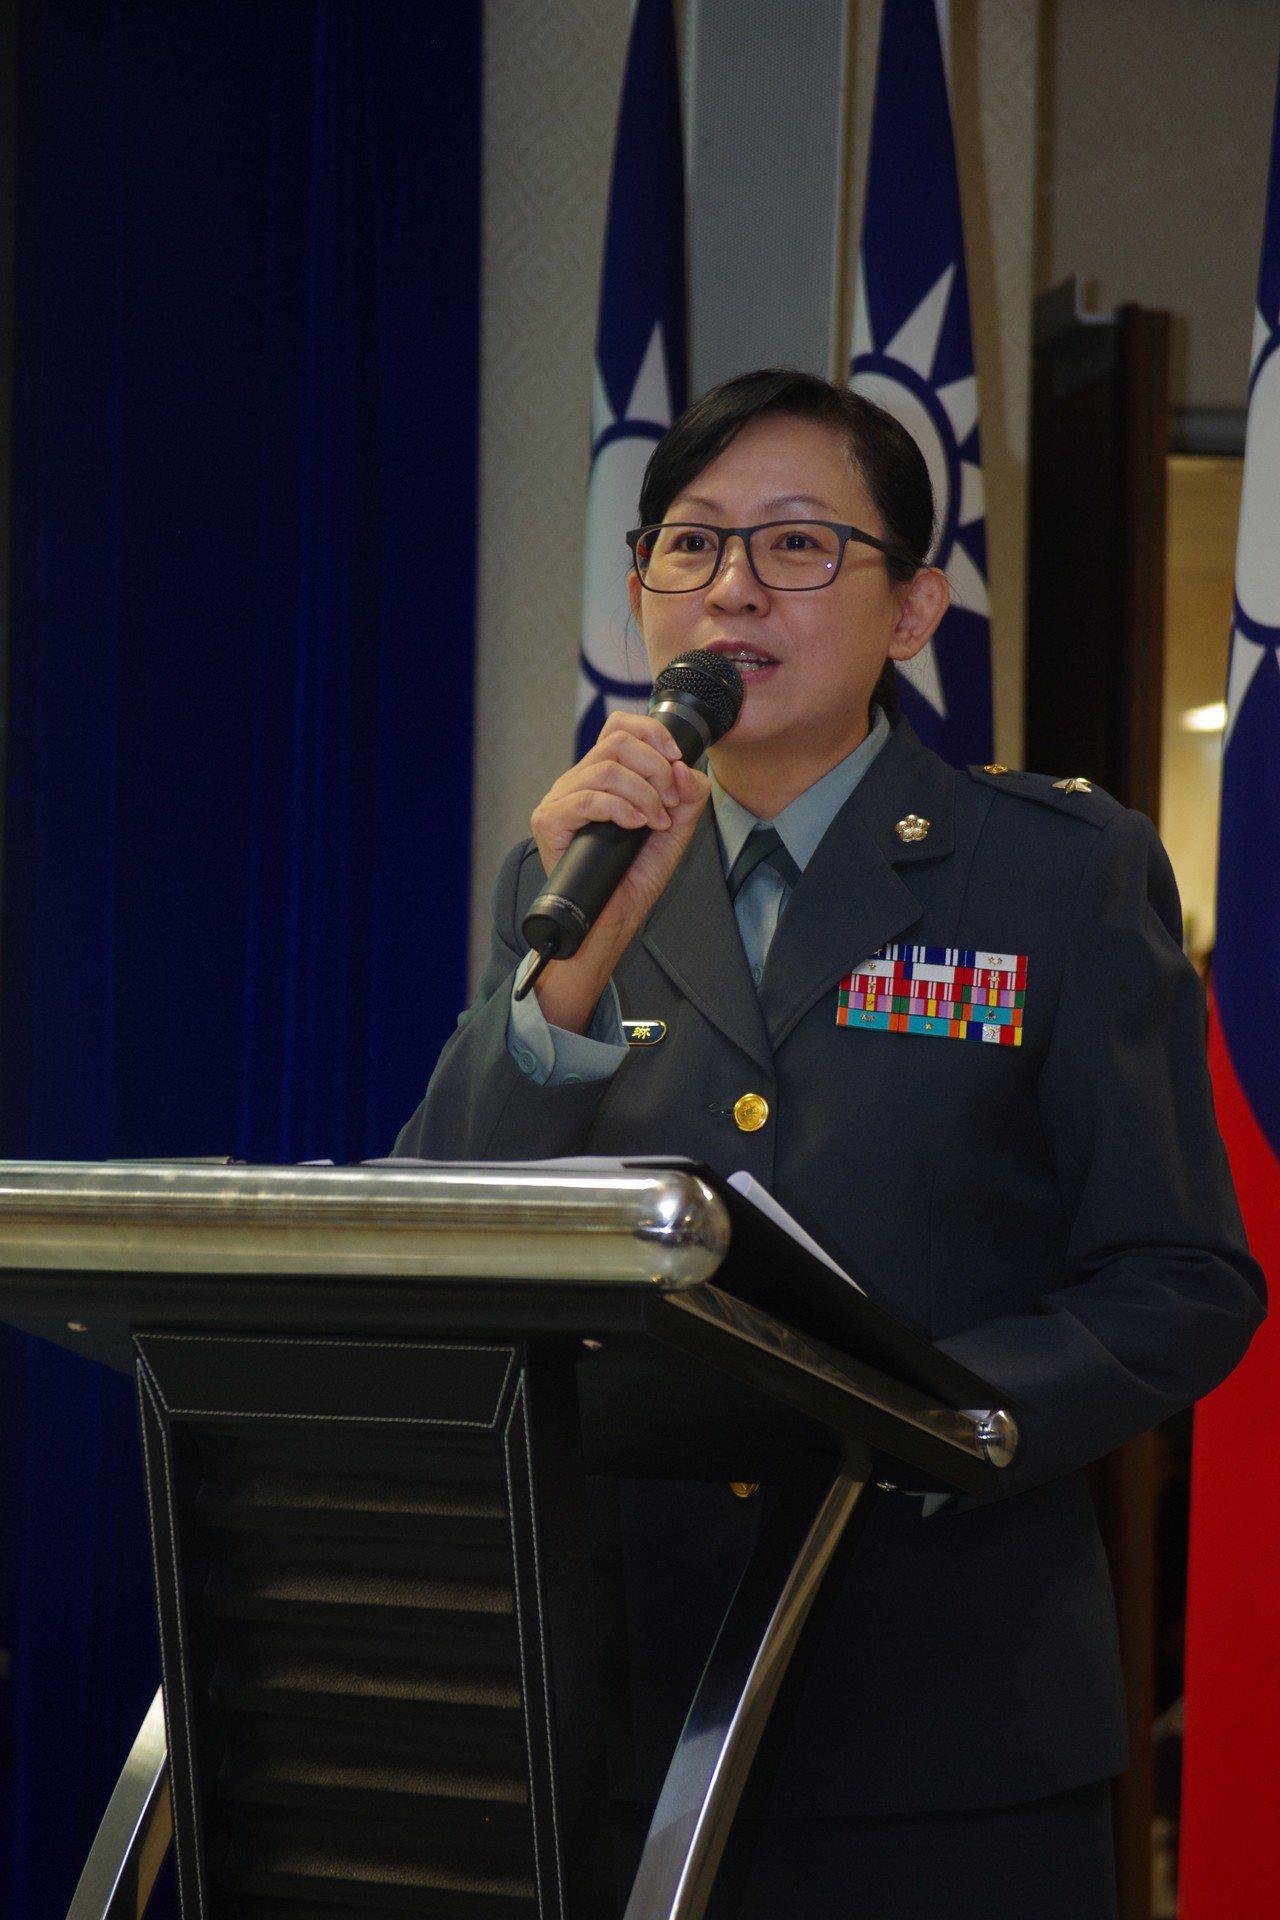 文宣心戰處長陳育琳少將,是目前政戰體系唯一女性將官。資料照,記者程嘉文/攝影